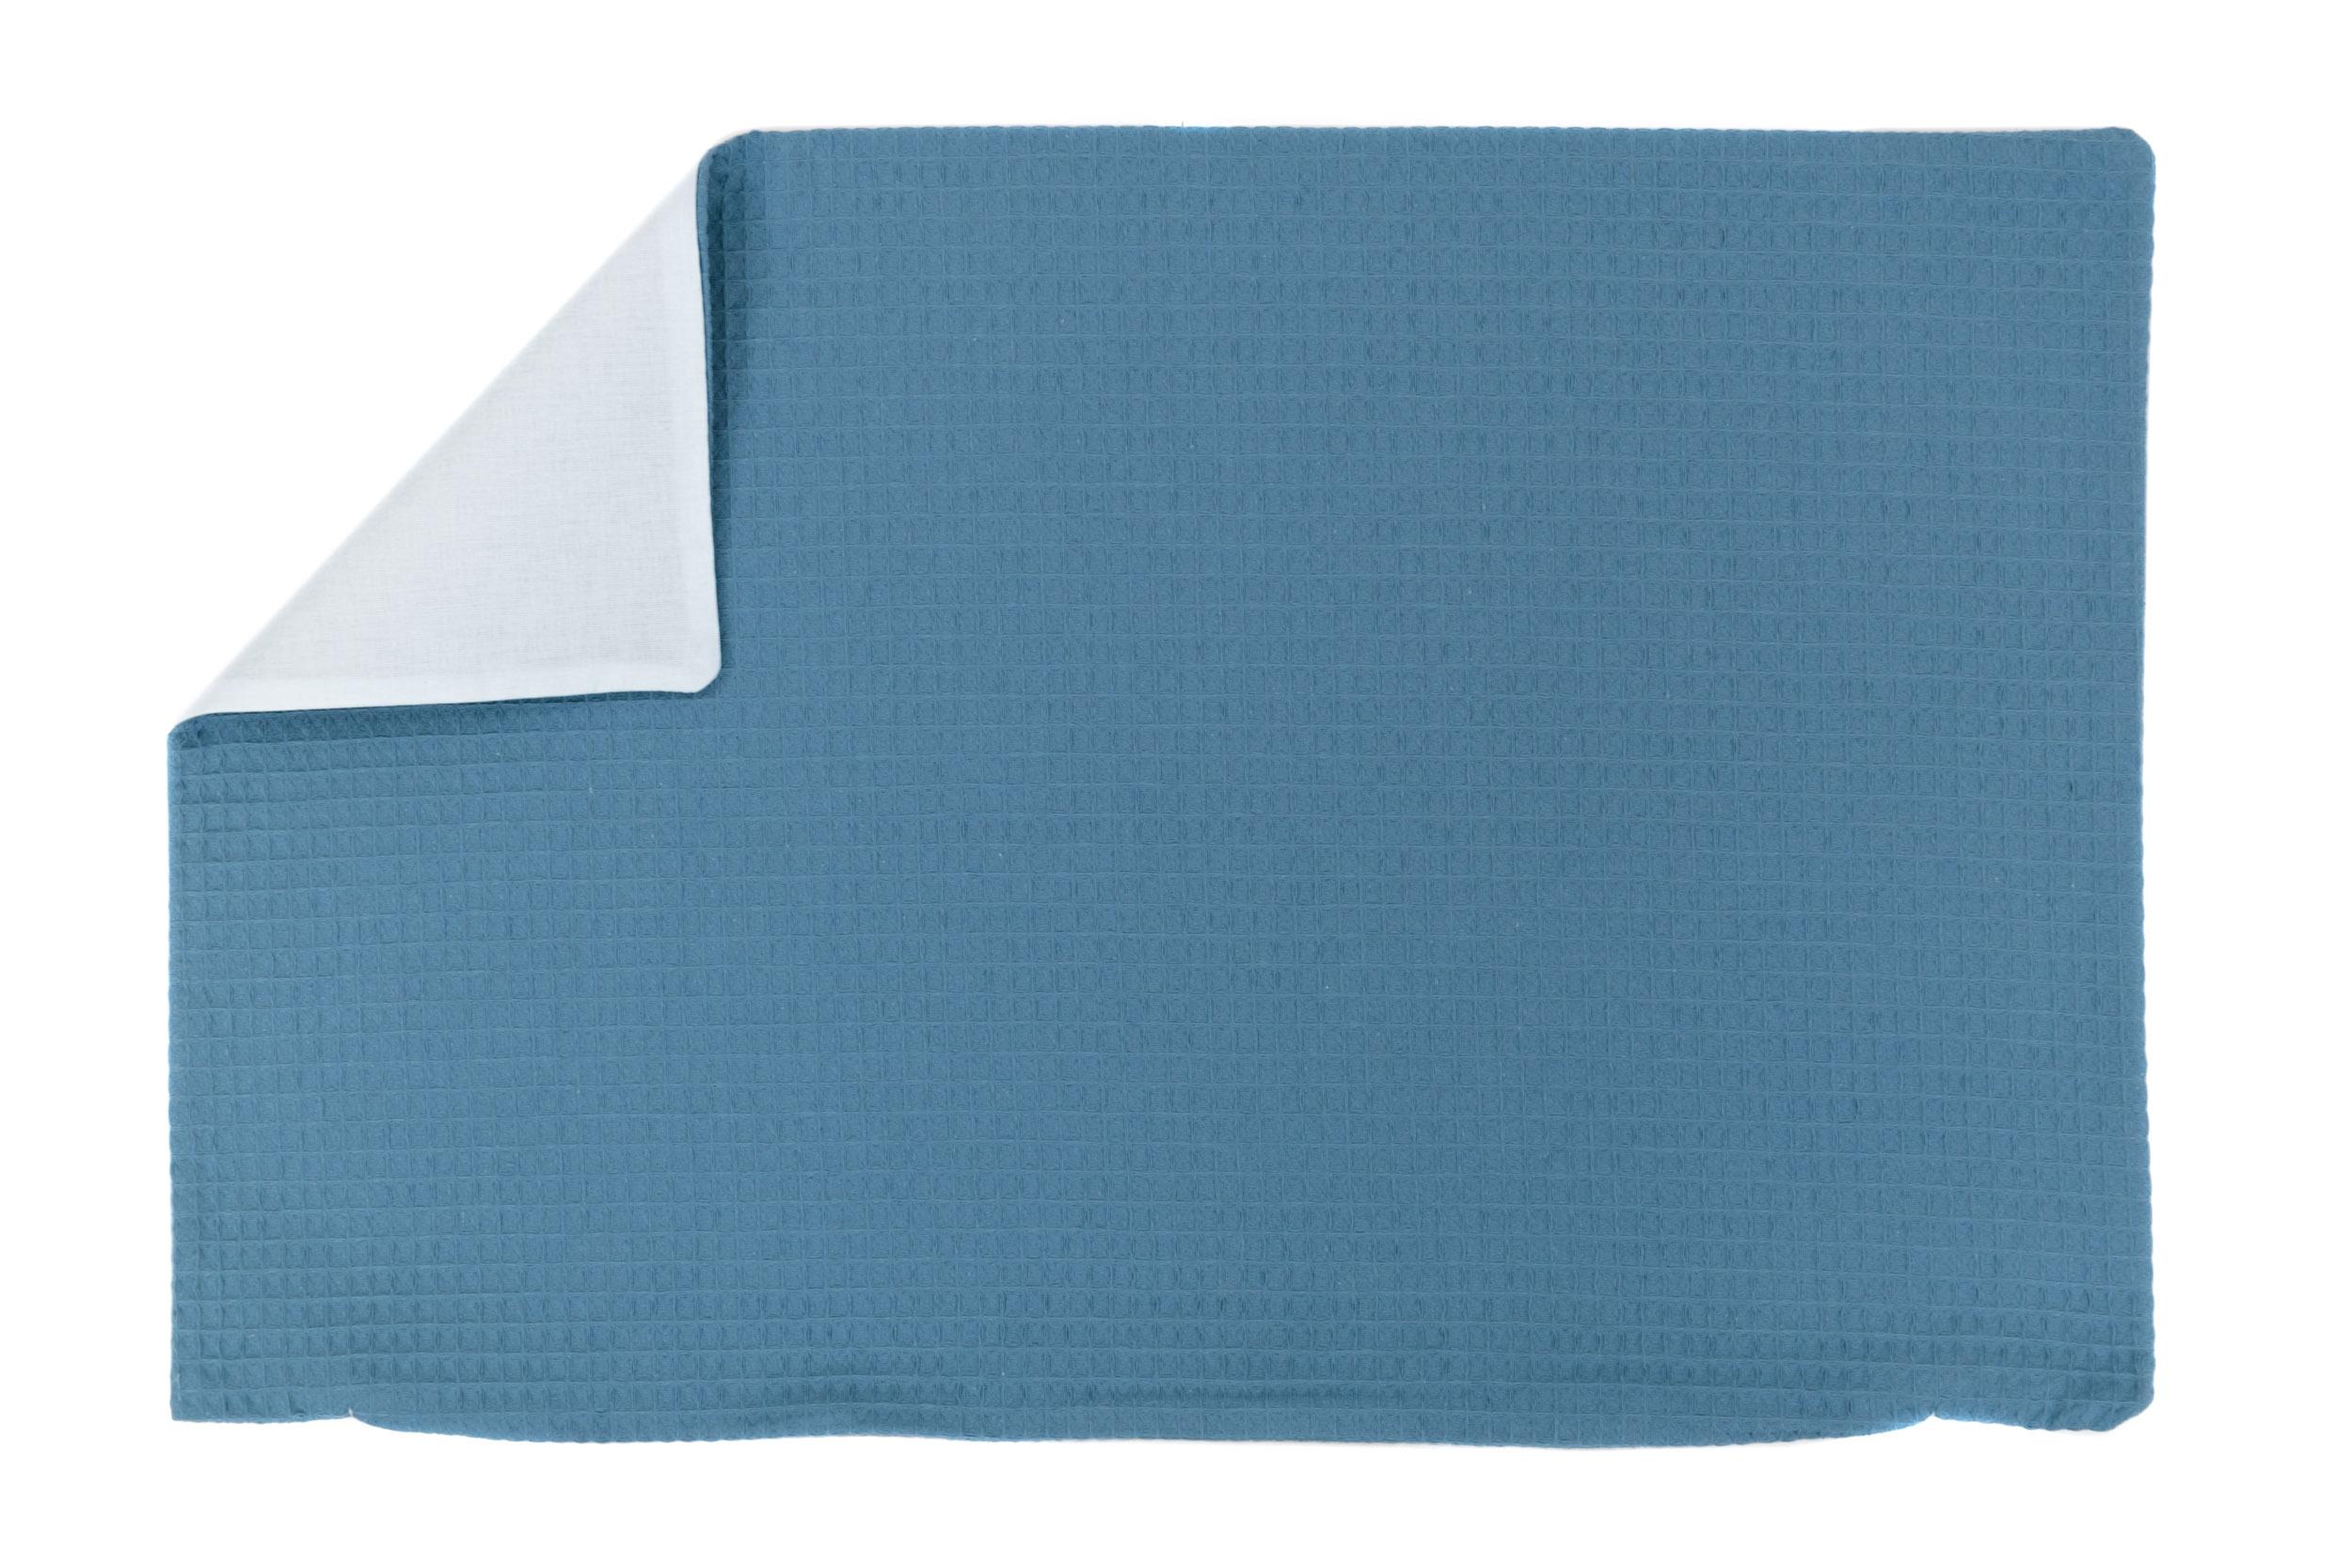 Kissenhülle Zierkissenbezug Kissenbezug ca. 60x40 cm für Kissen oder Dekokissen Blau Hellblau